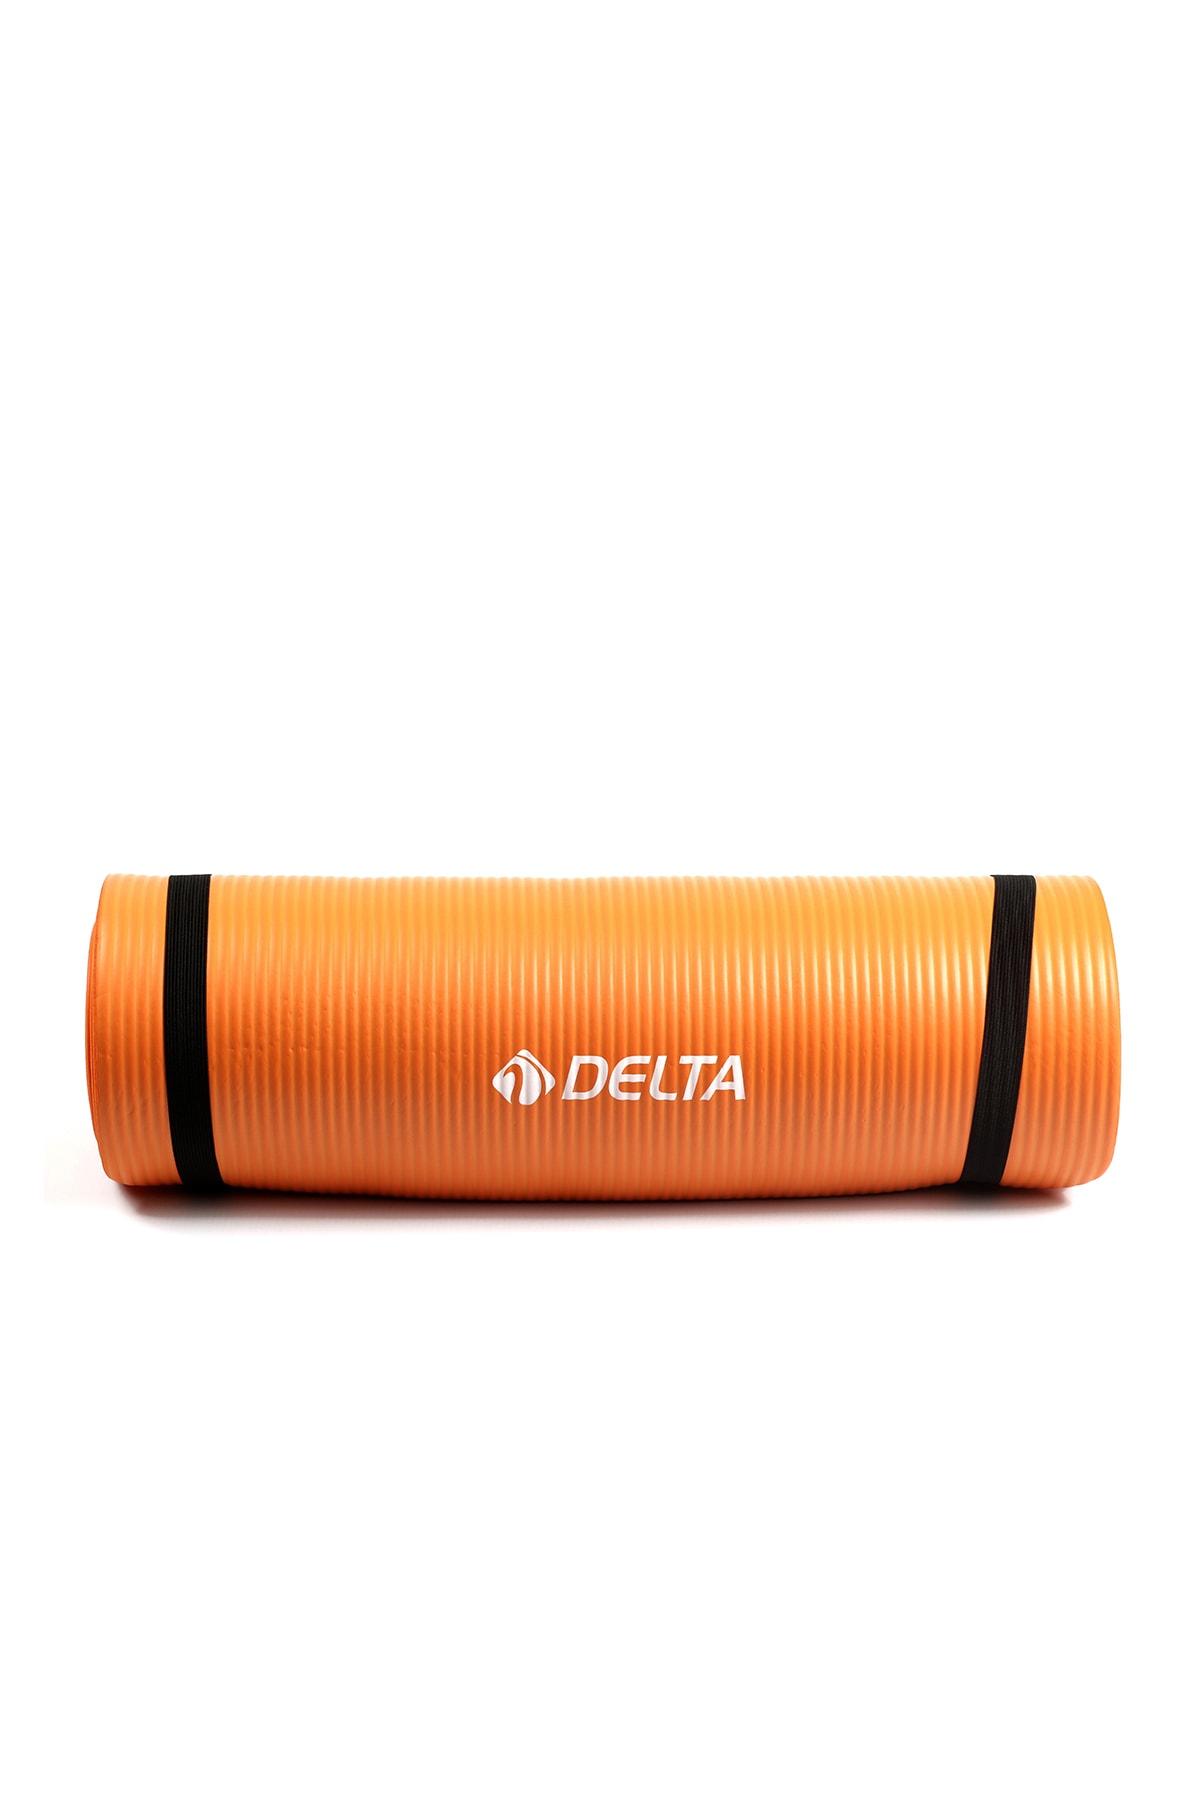 Delta Konfor Zemin Taşıma Askılı Pilates Minderi Yoga Matı 15 Mm 2